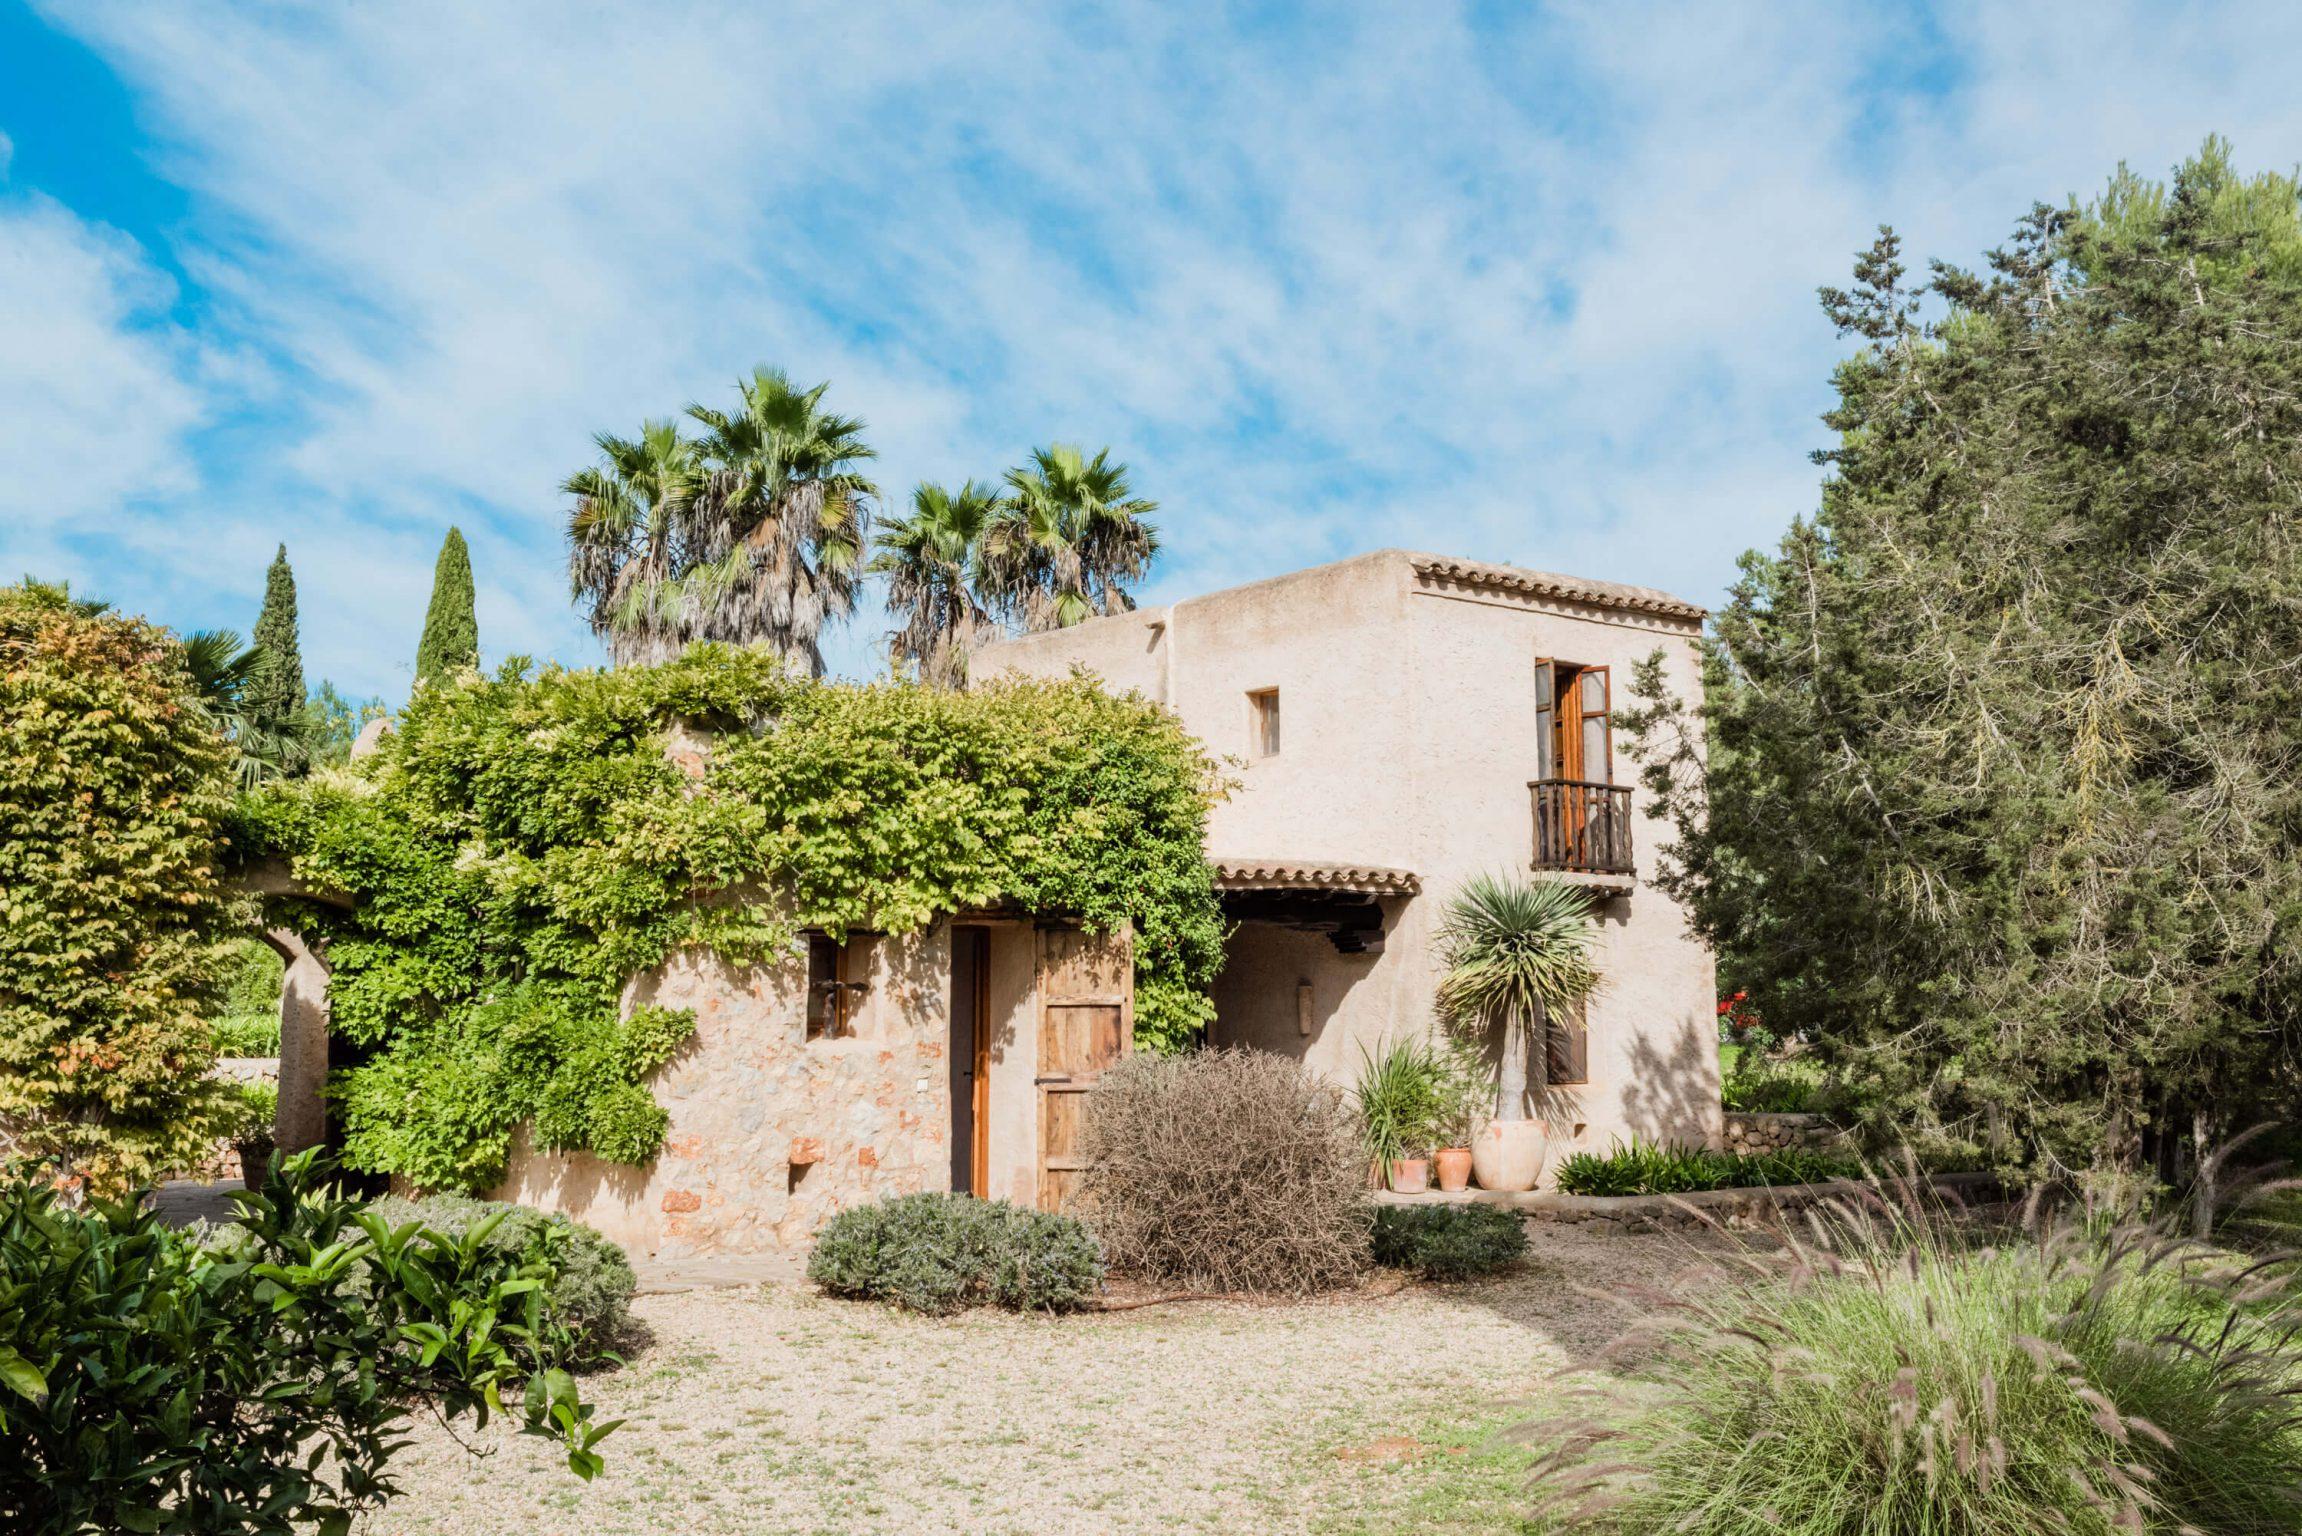 https://www.white-ibiza.com/wp-content/uploads/2020/05/white-ibiza-villas-can-sabina-exterior-facade-view-2302x1536.jpg